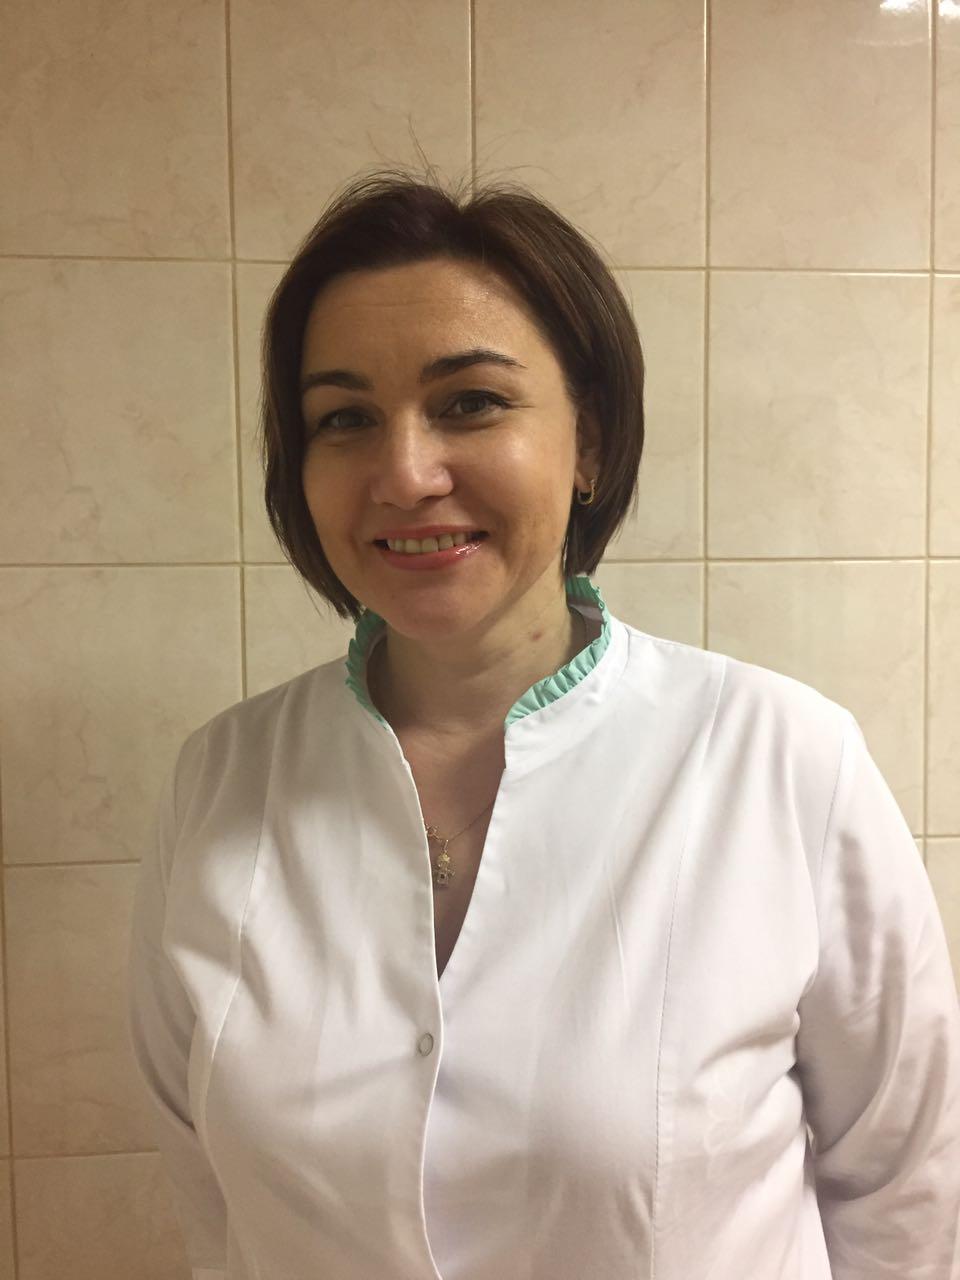 malokanova